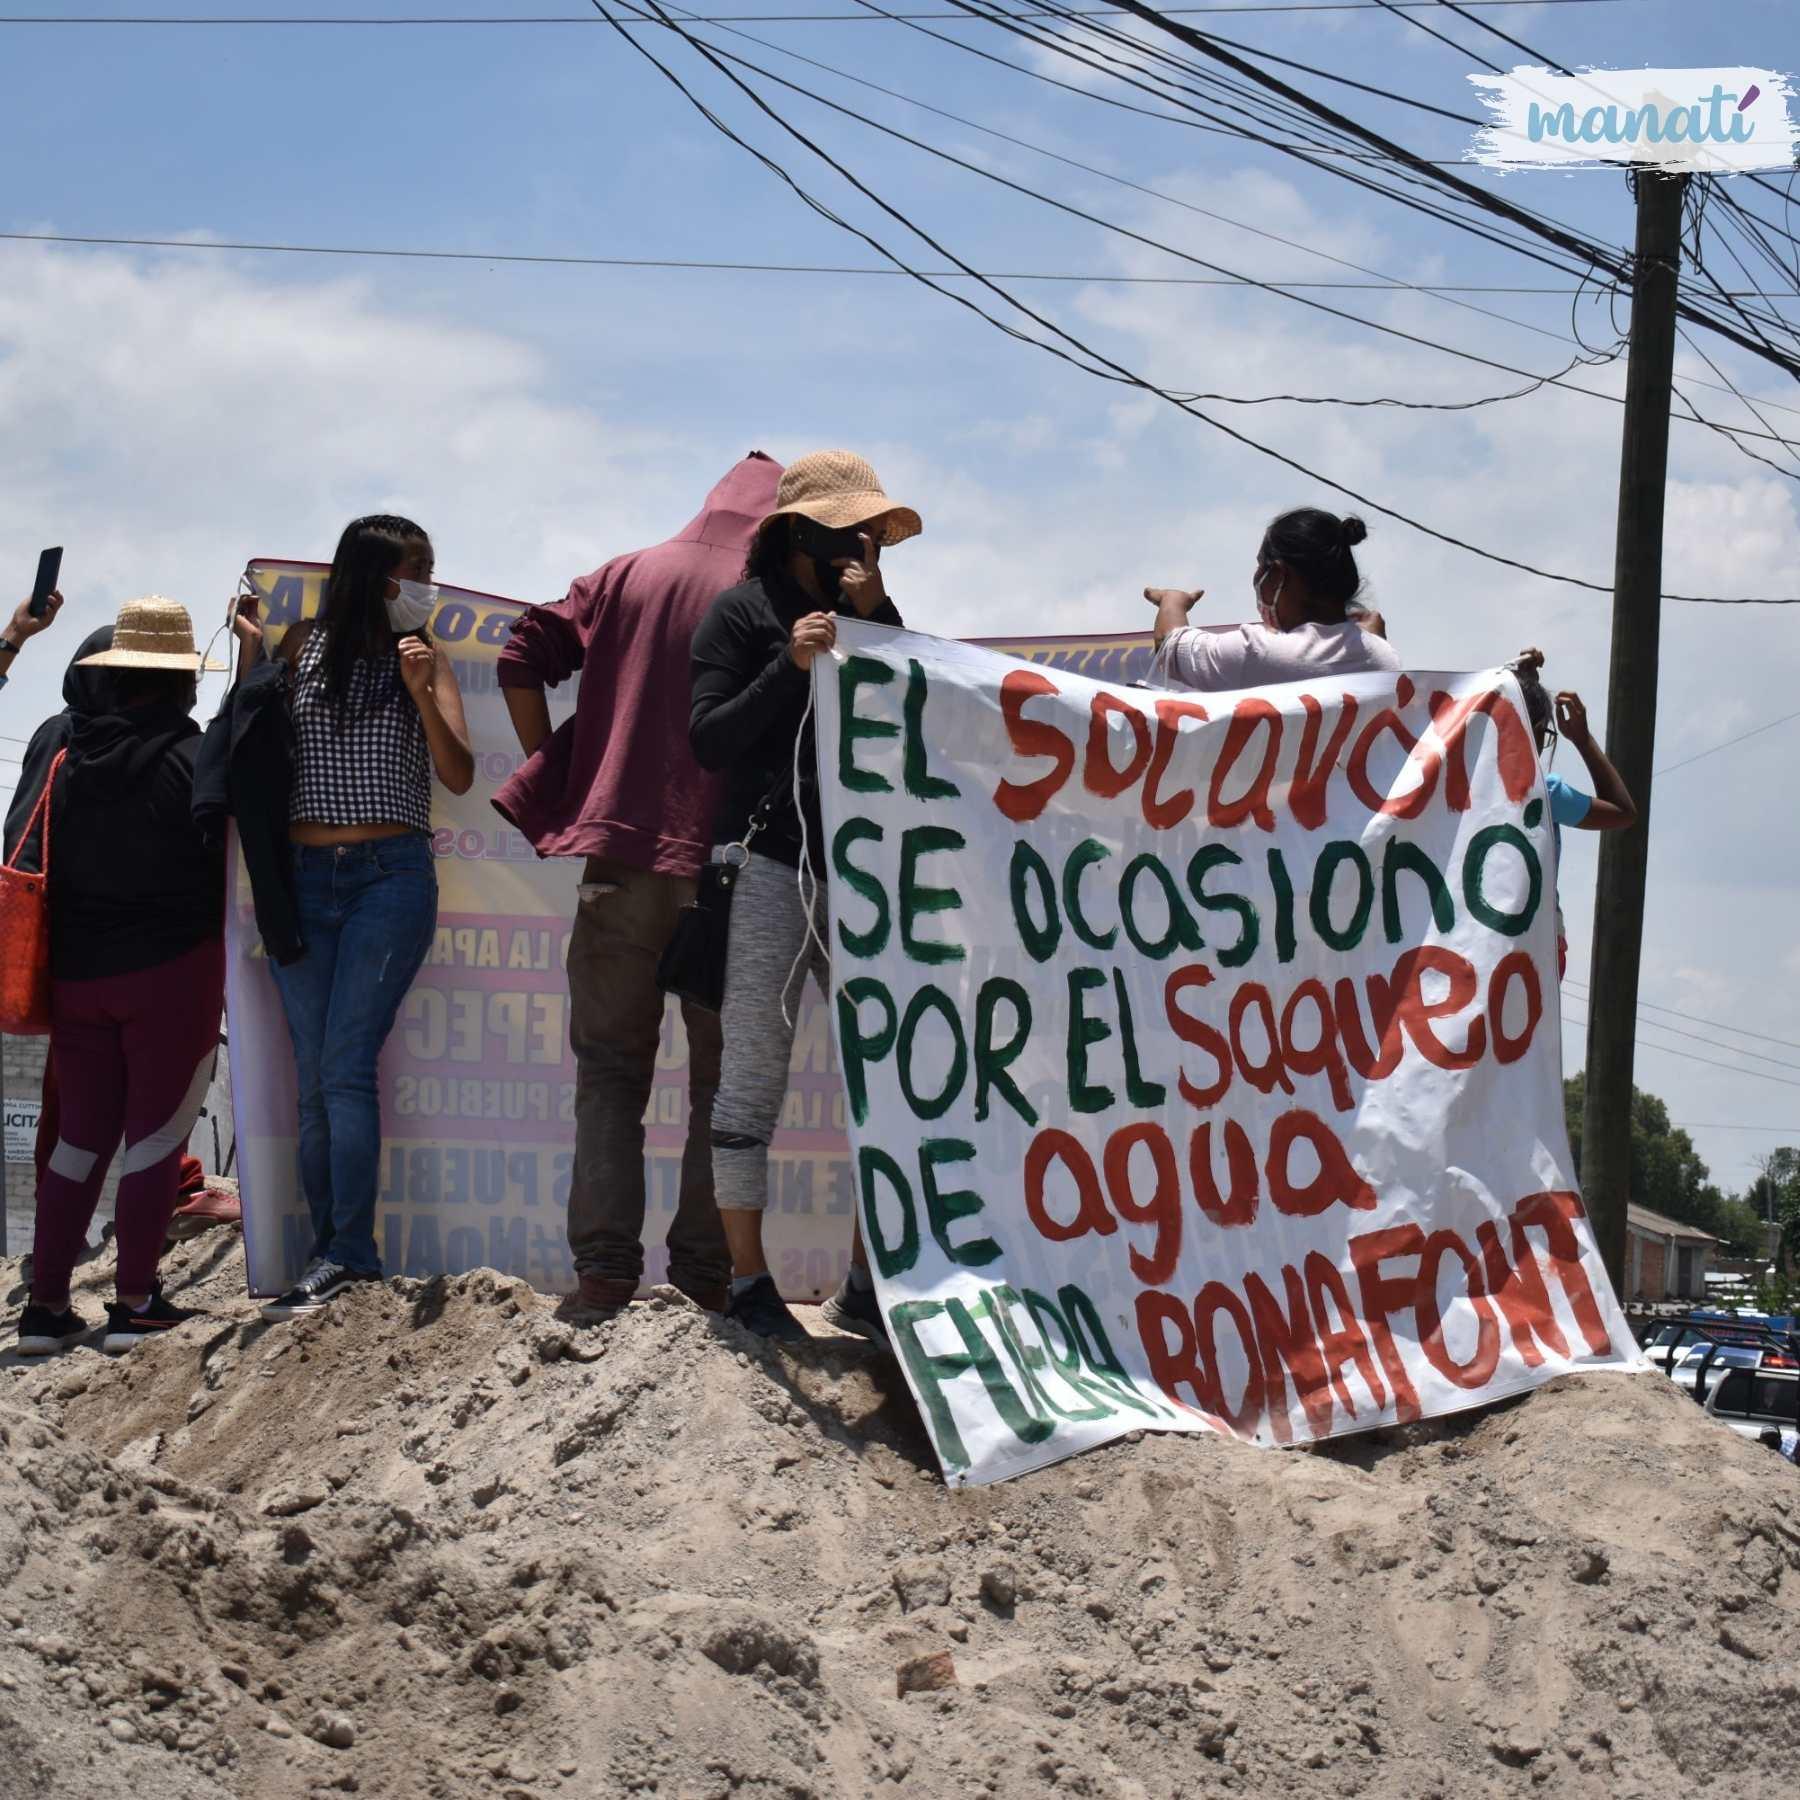 Desde finales de marzo, pobladores de Juan C. Bonilla mantienen tomada la planta de Bonafont. Acusan a la empresa de acaparar el agua de los pozos y de ser corresponsable del socavón en Puebla. Fotografía: Katia Fernández   Agencia Es Imagen